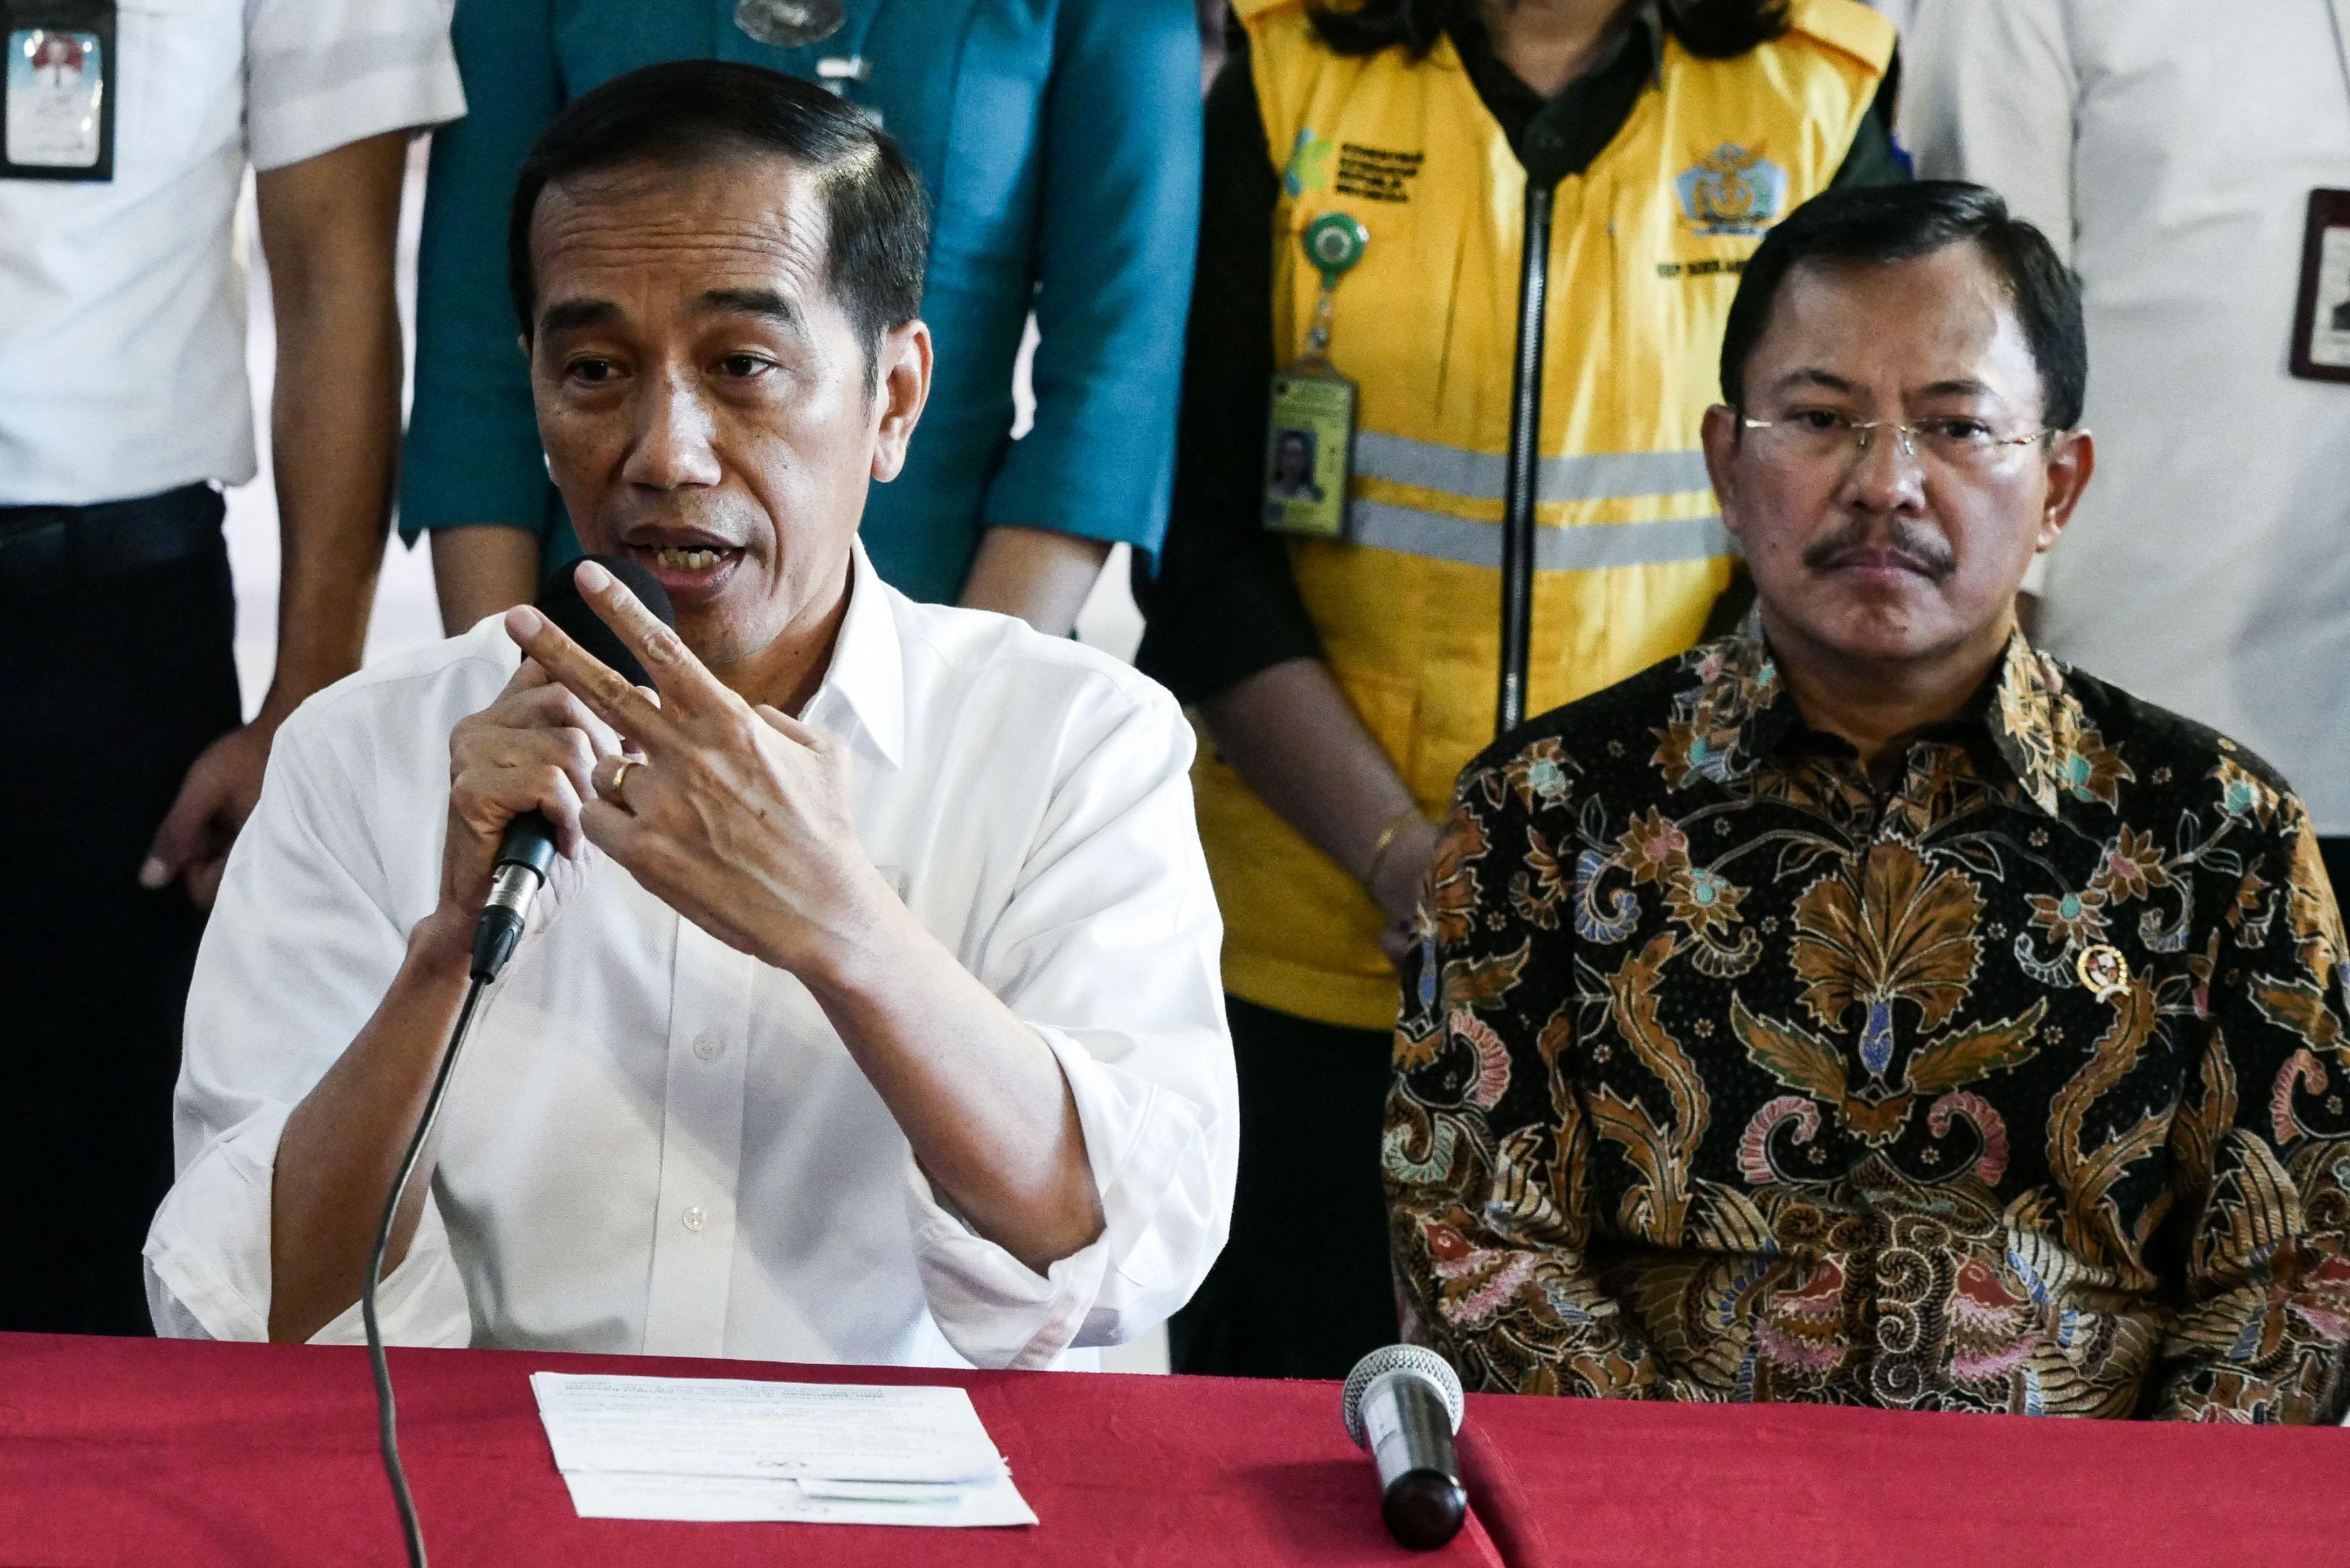 Submarinul indonezian dispărut miercuri a fost localizat cu ajutorul sonarelor. Președintele țării a transmis condoleanțe familiilor echipajului